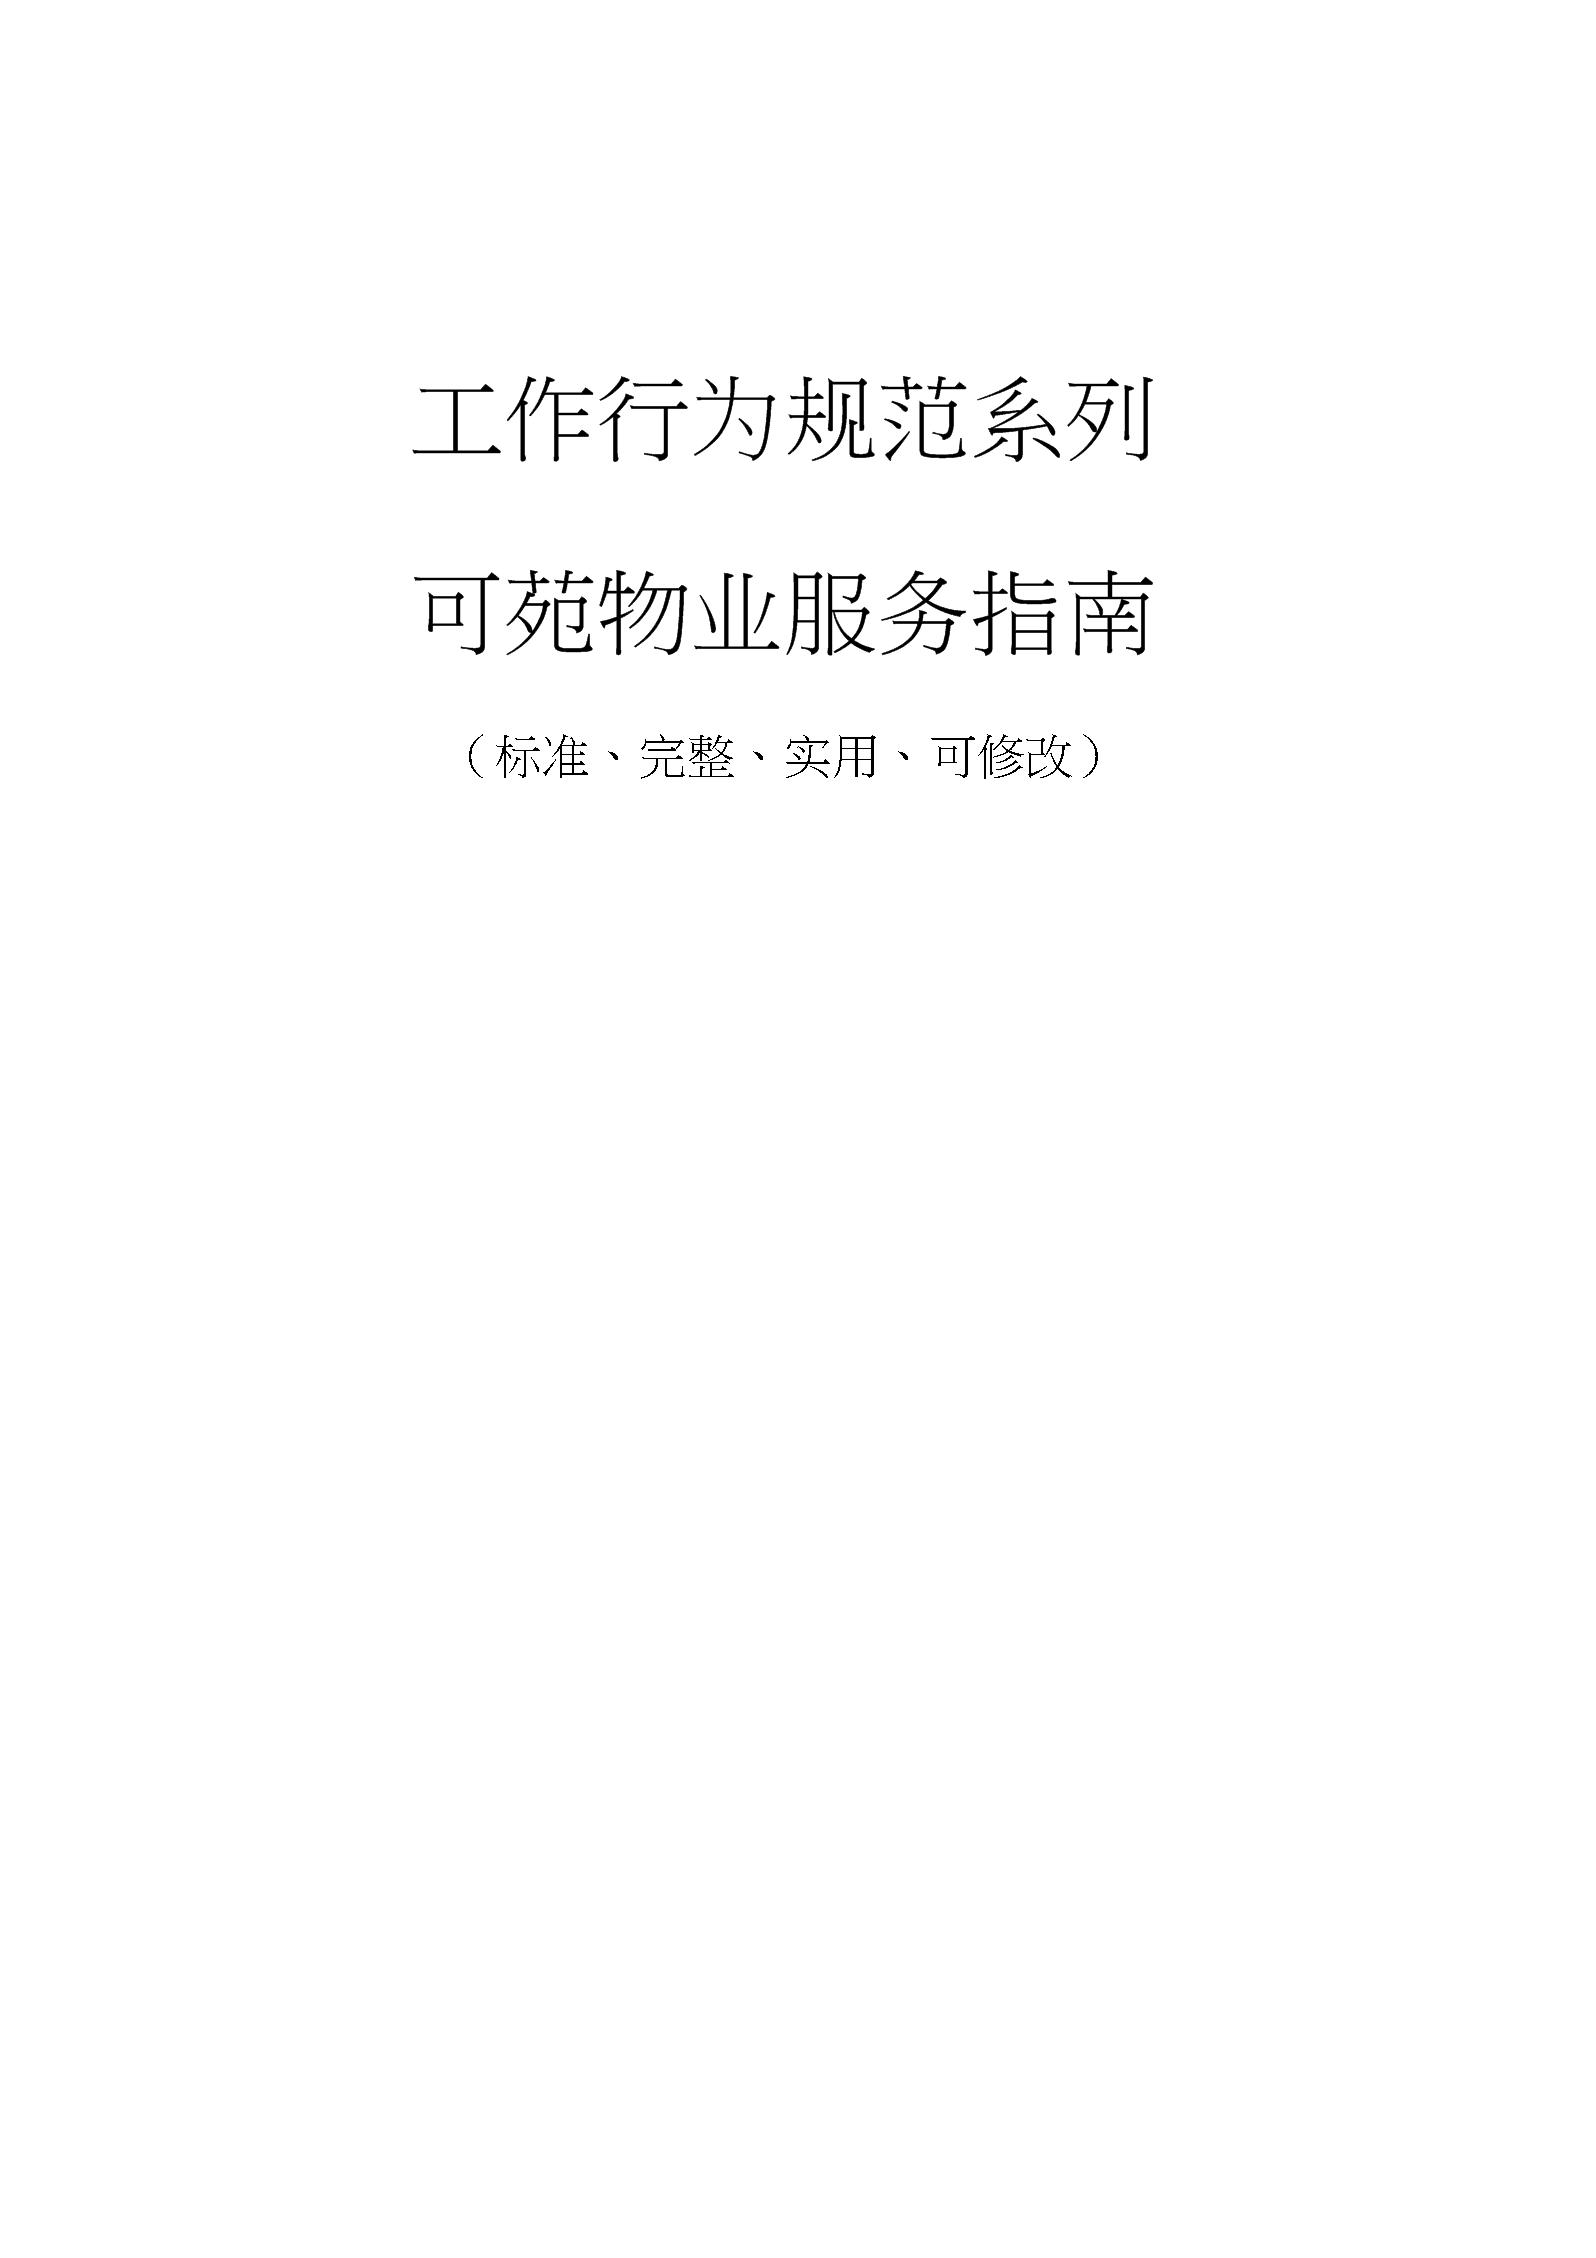 可苑物业服务指南.docx